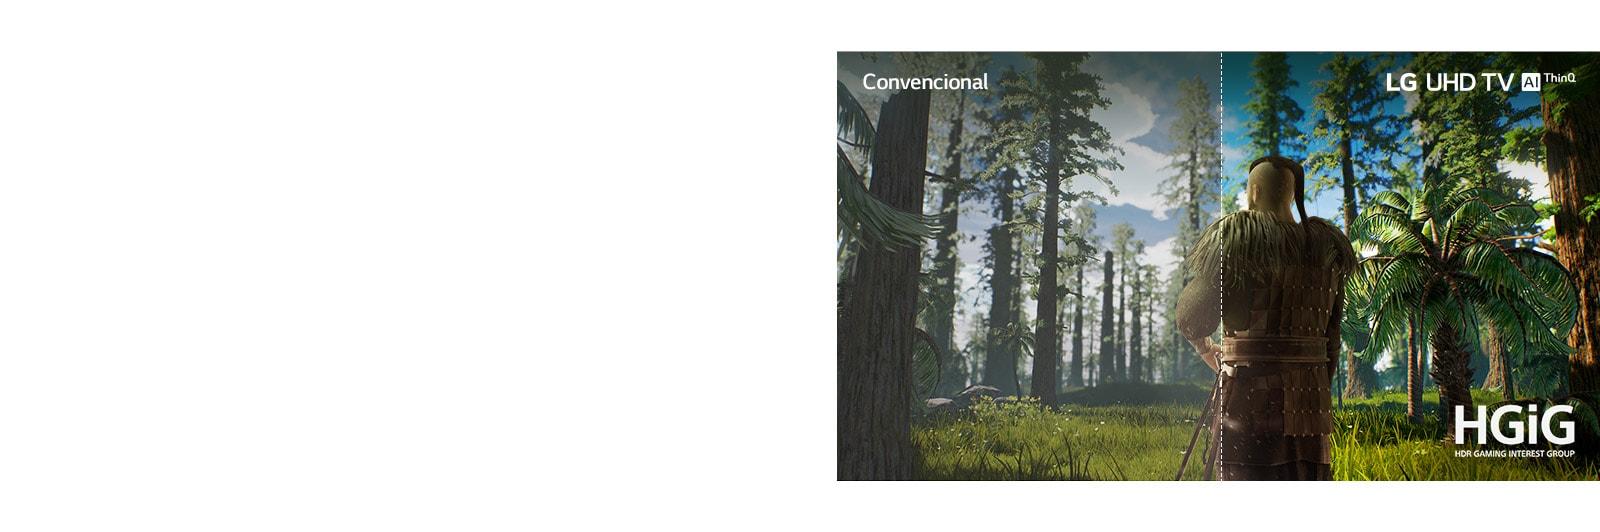 La pantalla del televisor muestra la escena de un juego con un hombre de pie en medio del bosque. La mitad se muestra en una pantalla convencional con poca calidad de imagen. La otra mitad se muestra en la pantalla LG UHD TV con una calidad de imagen nítida y vívida.